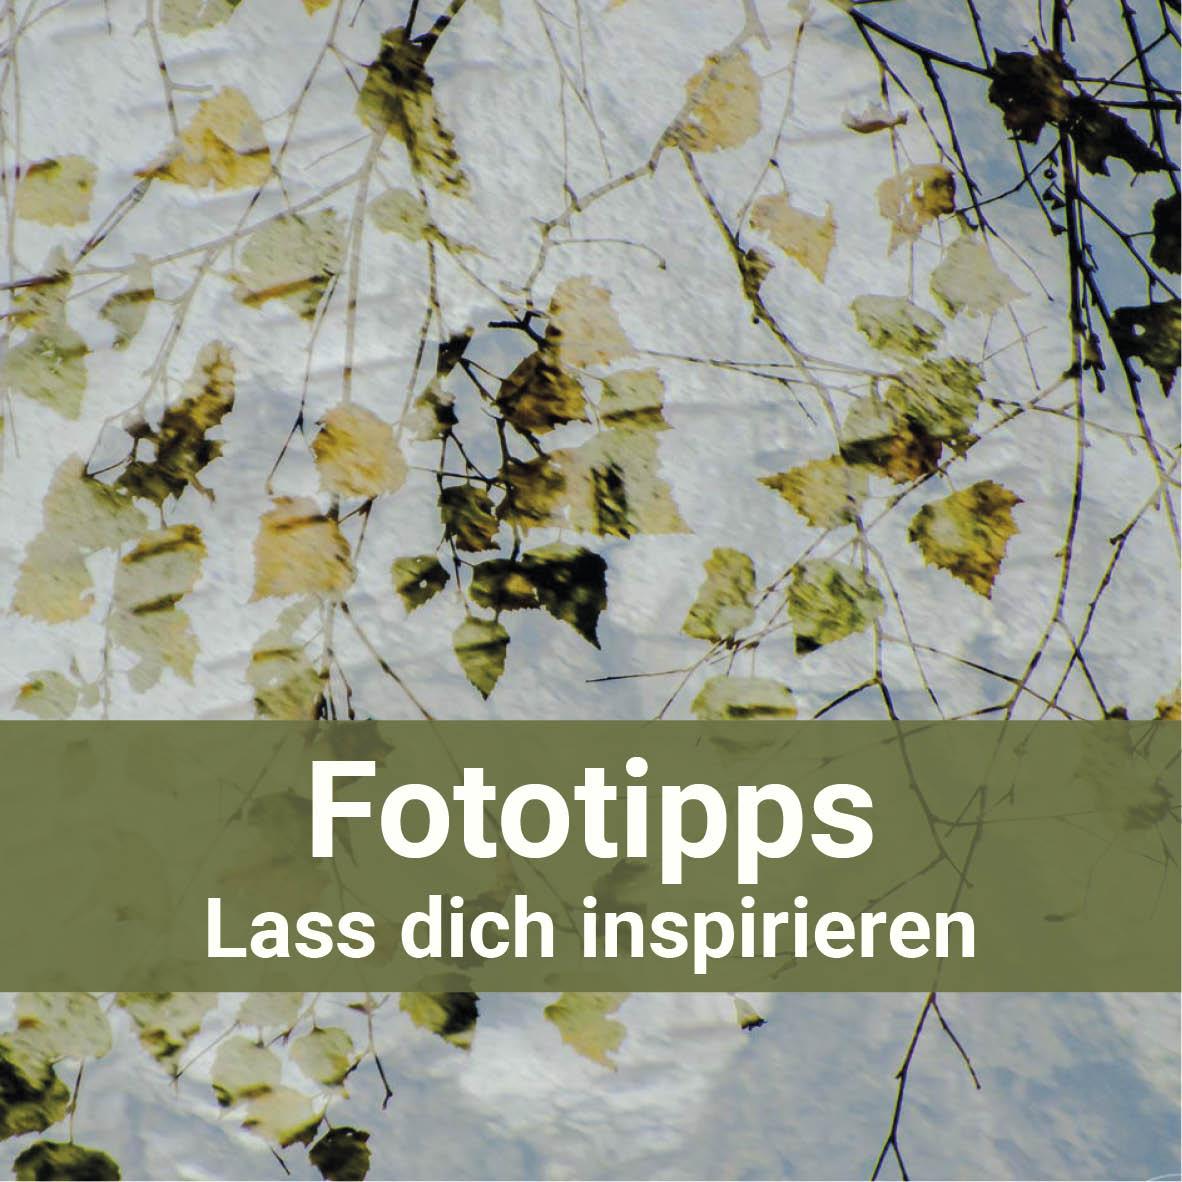 Fototipps - lass dich inspirieren